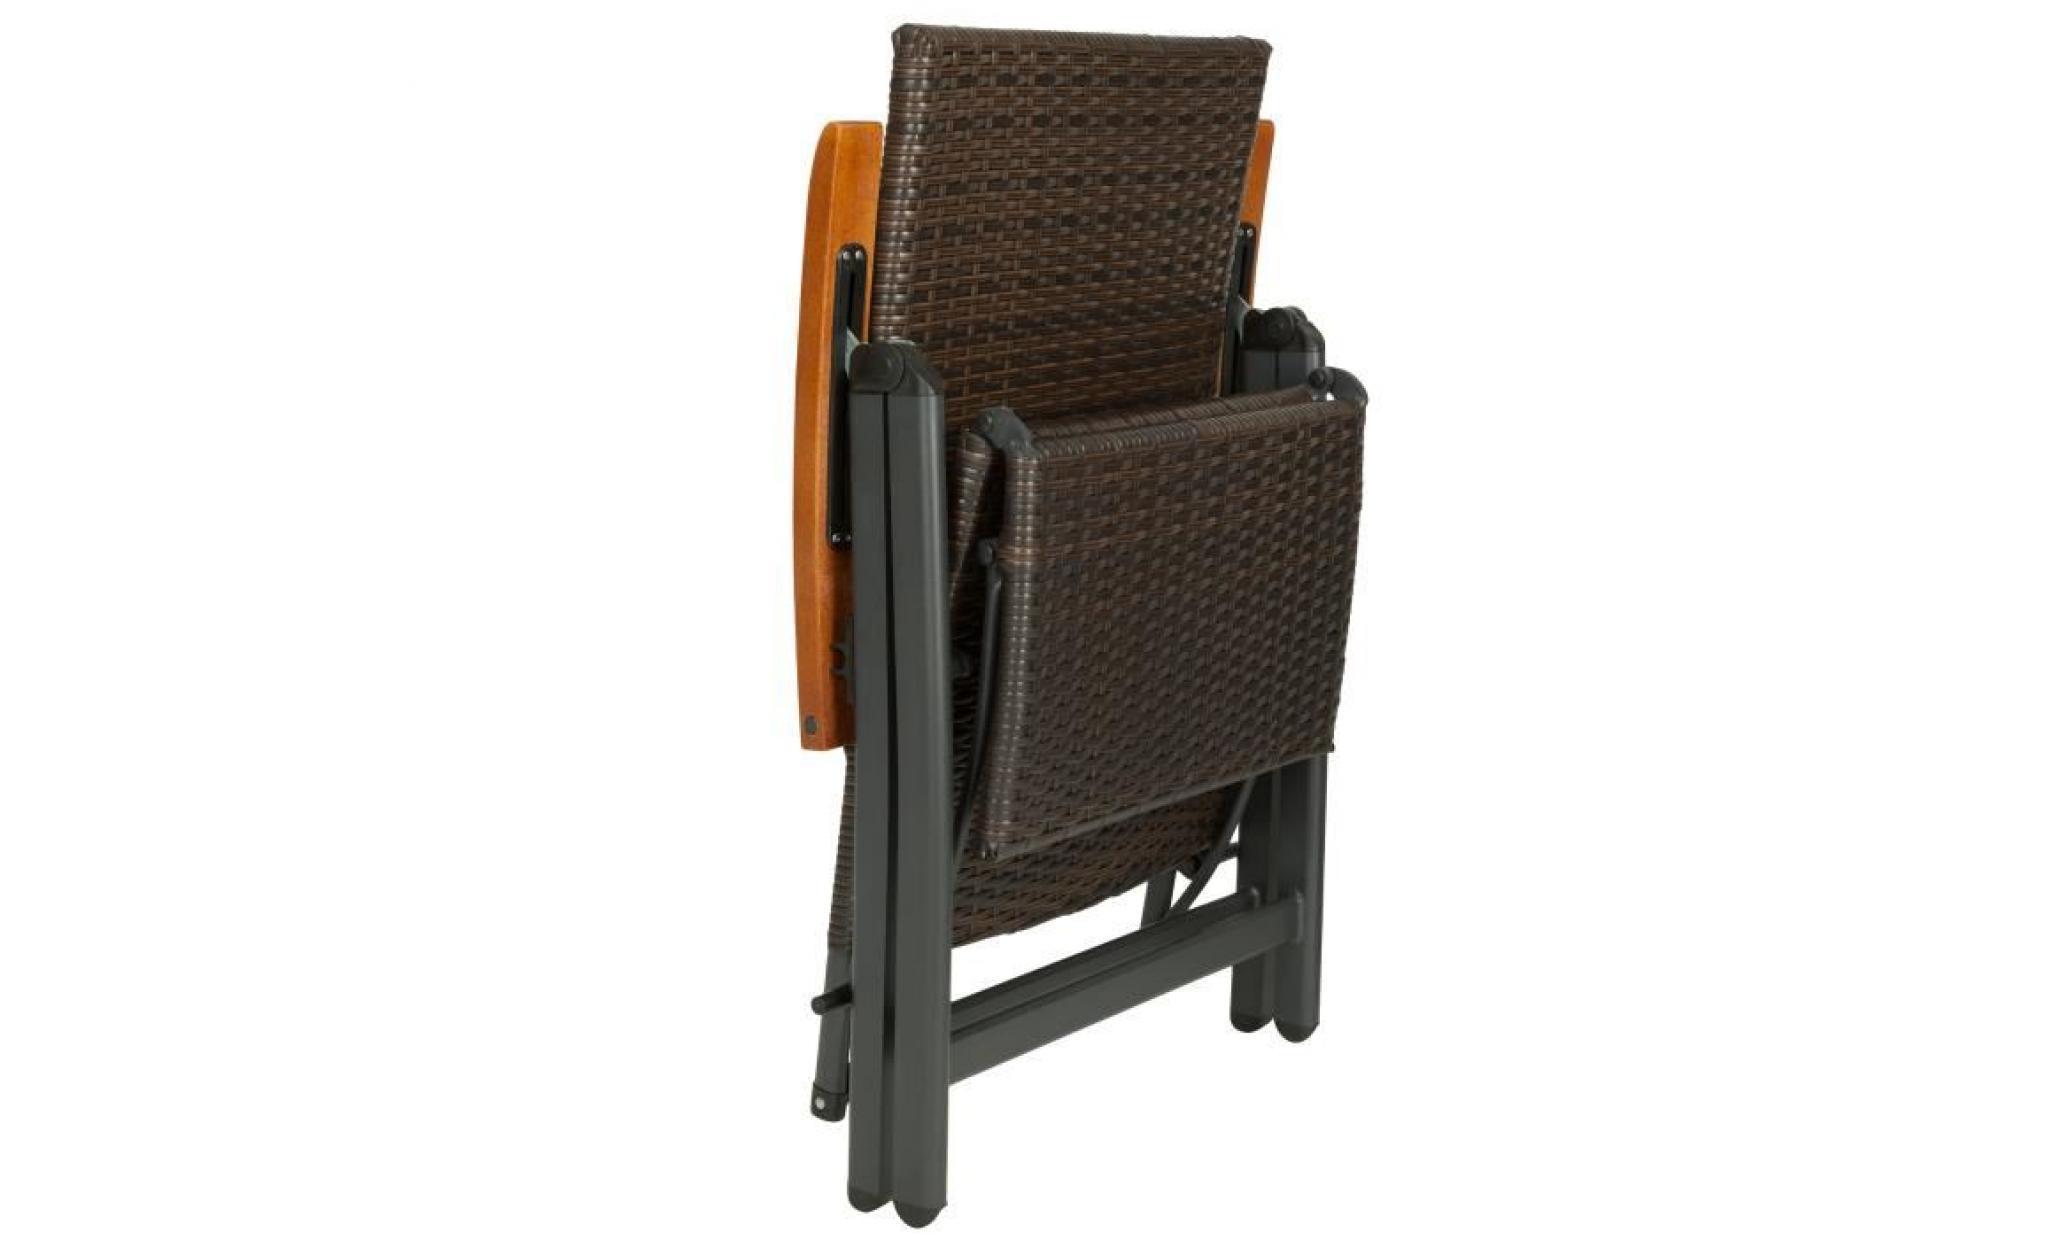 fauteuil chaise longue de relaxation r glable pliant avec 1 repose pieds en rotin 69 cm x 58 cm. Black Bedroom Furniture Sets. Home Design Ideas